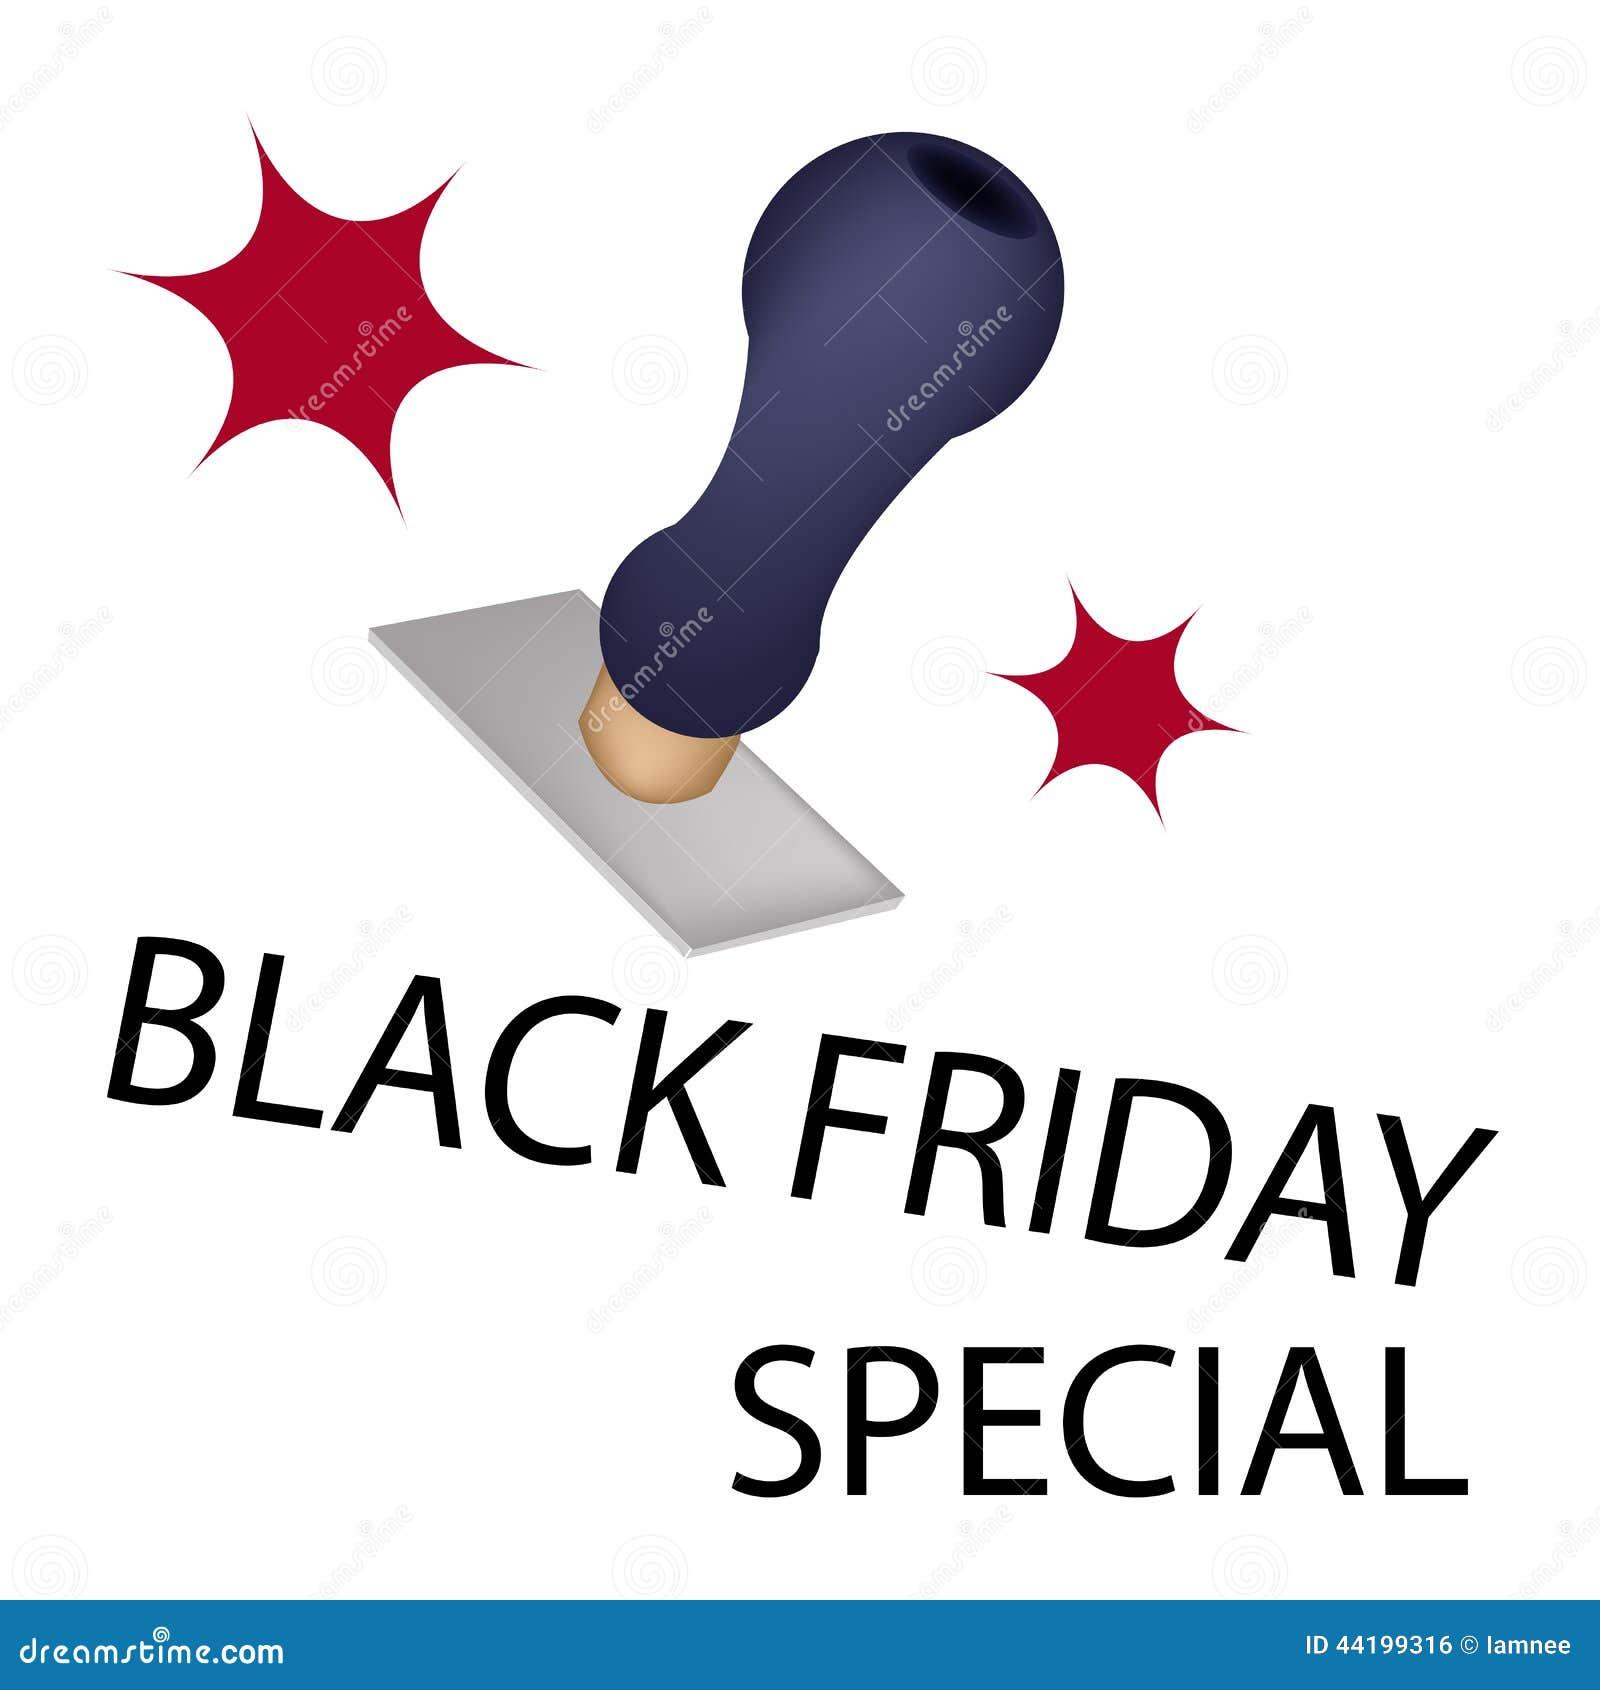 Um carimbo de borracha com o Special de Black Friday da palavra